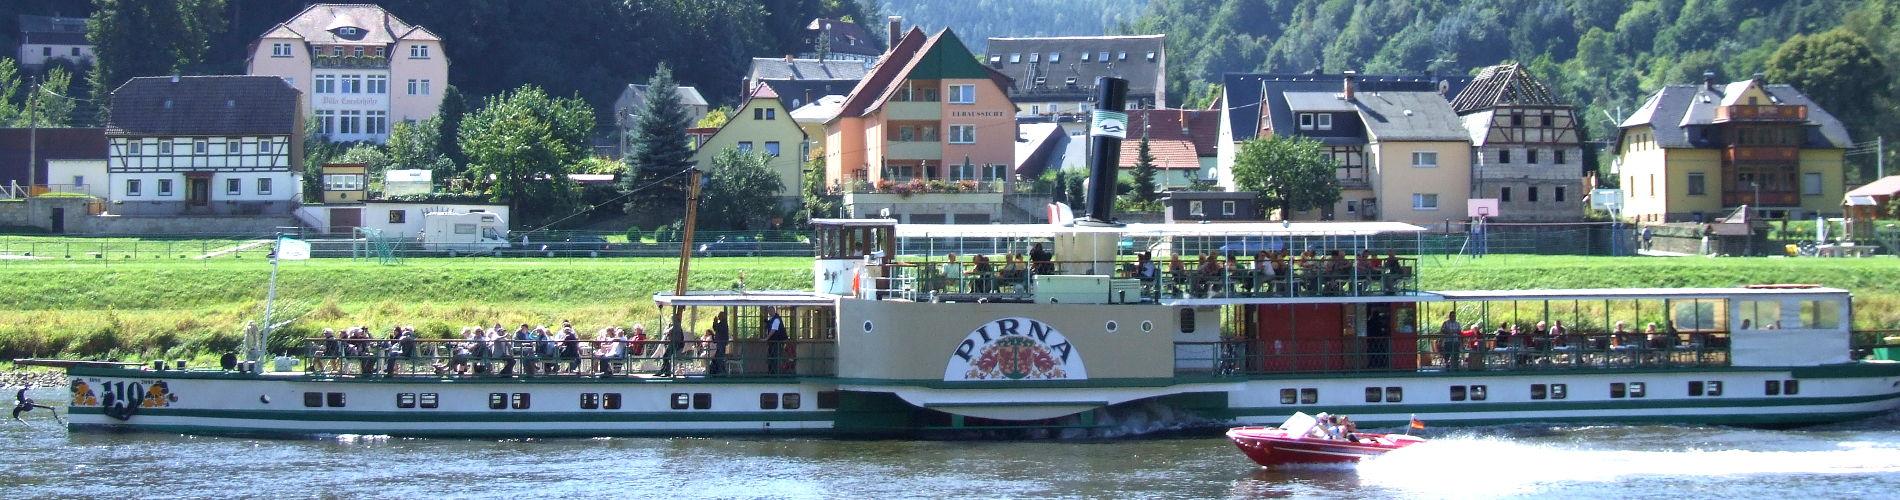 Krippen Bad Schandau Postelwitz Ostrauer Scheibe Struppen